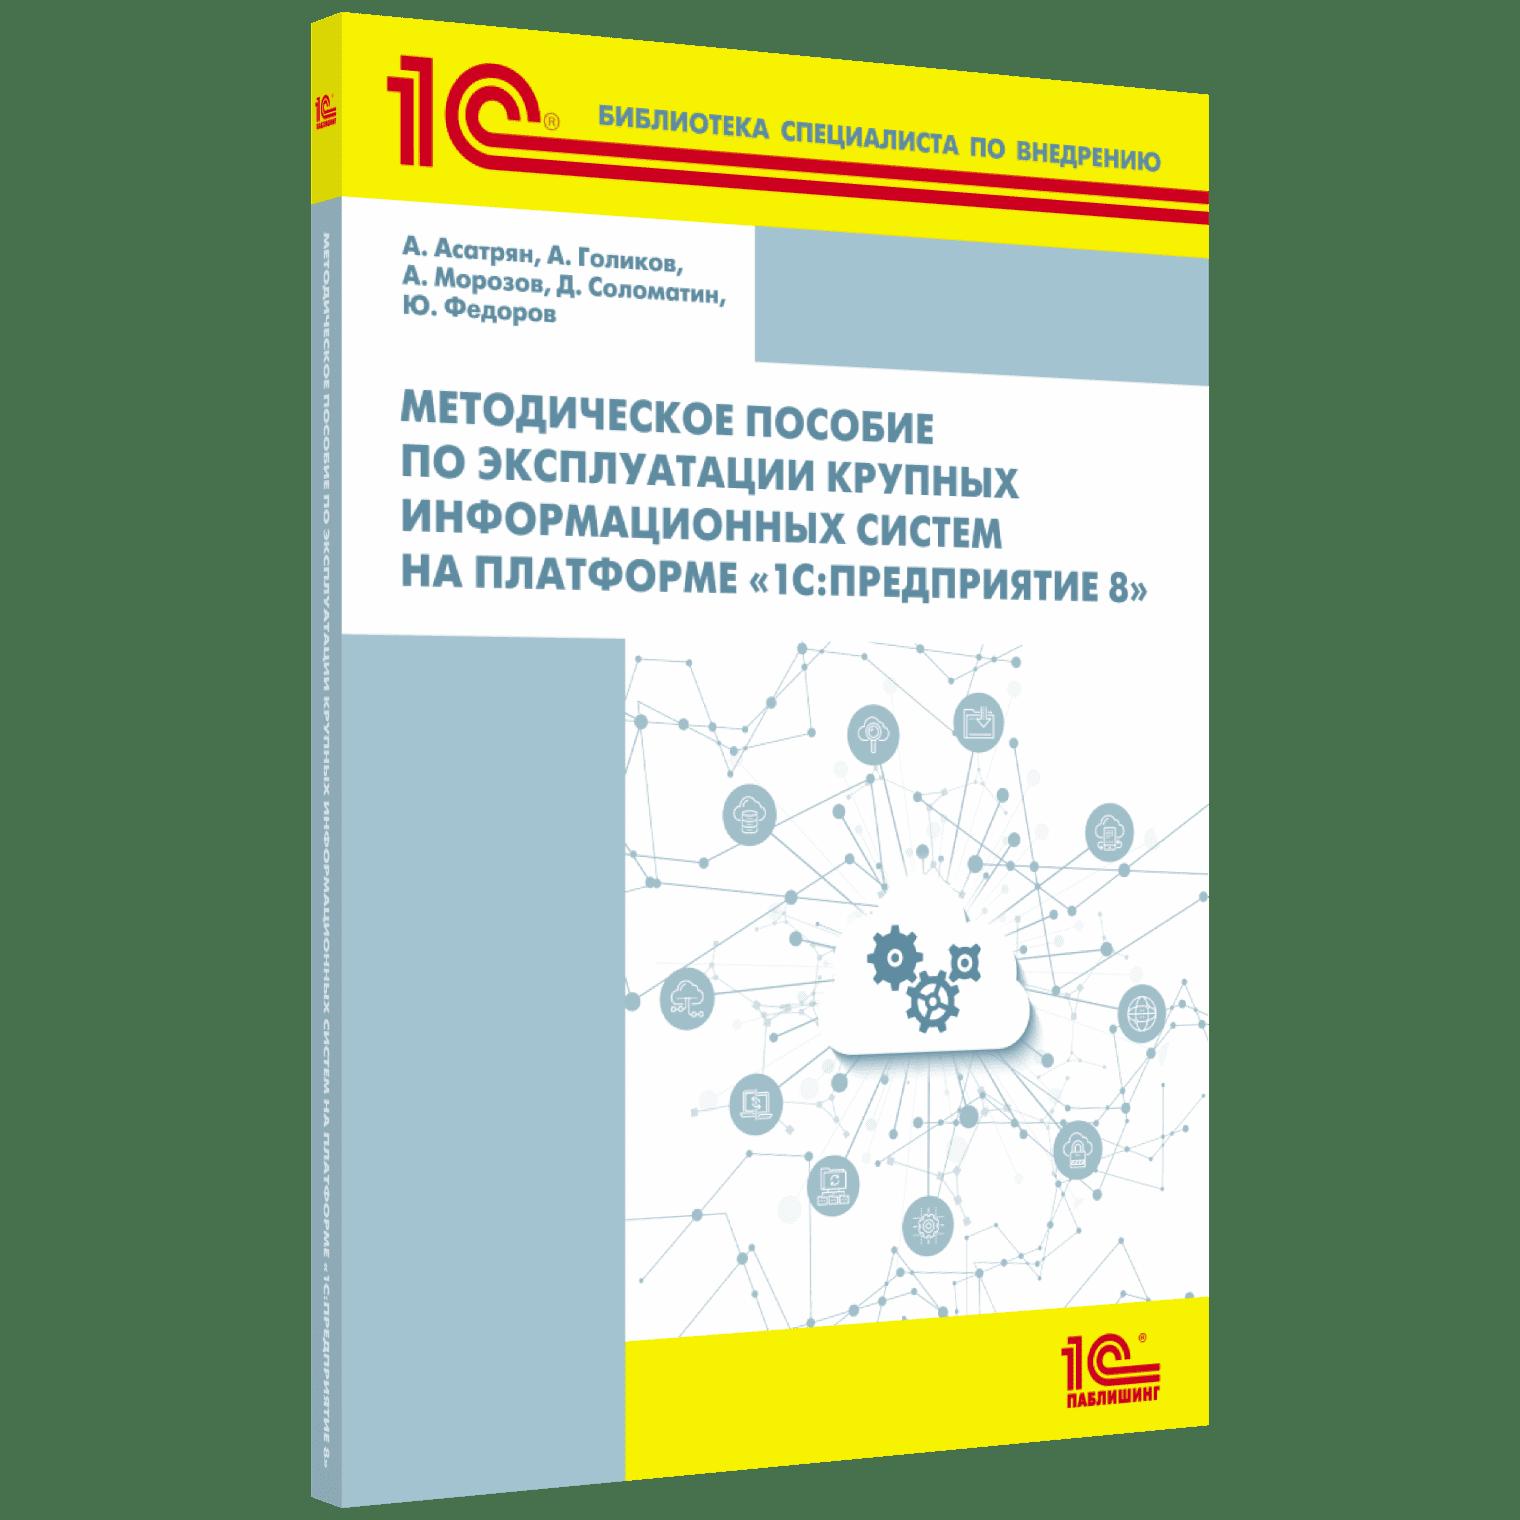 Методическое пособие по эксплуатации крупных информационных систем на платформе «1С:Предприятие 8»